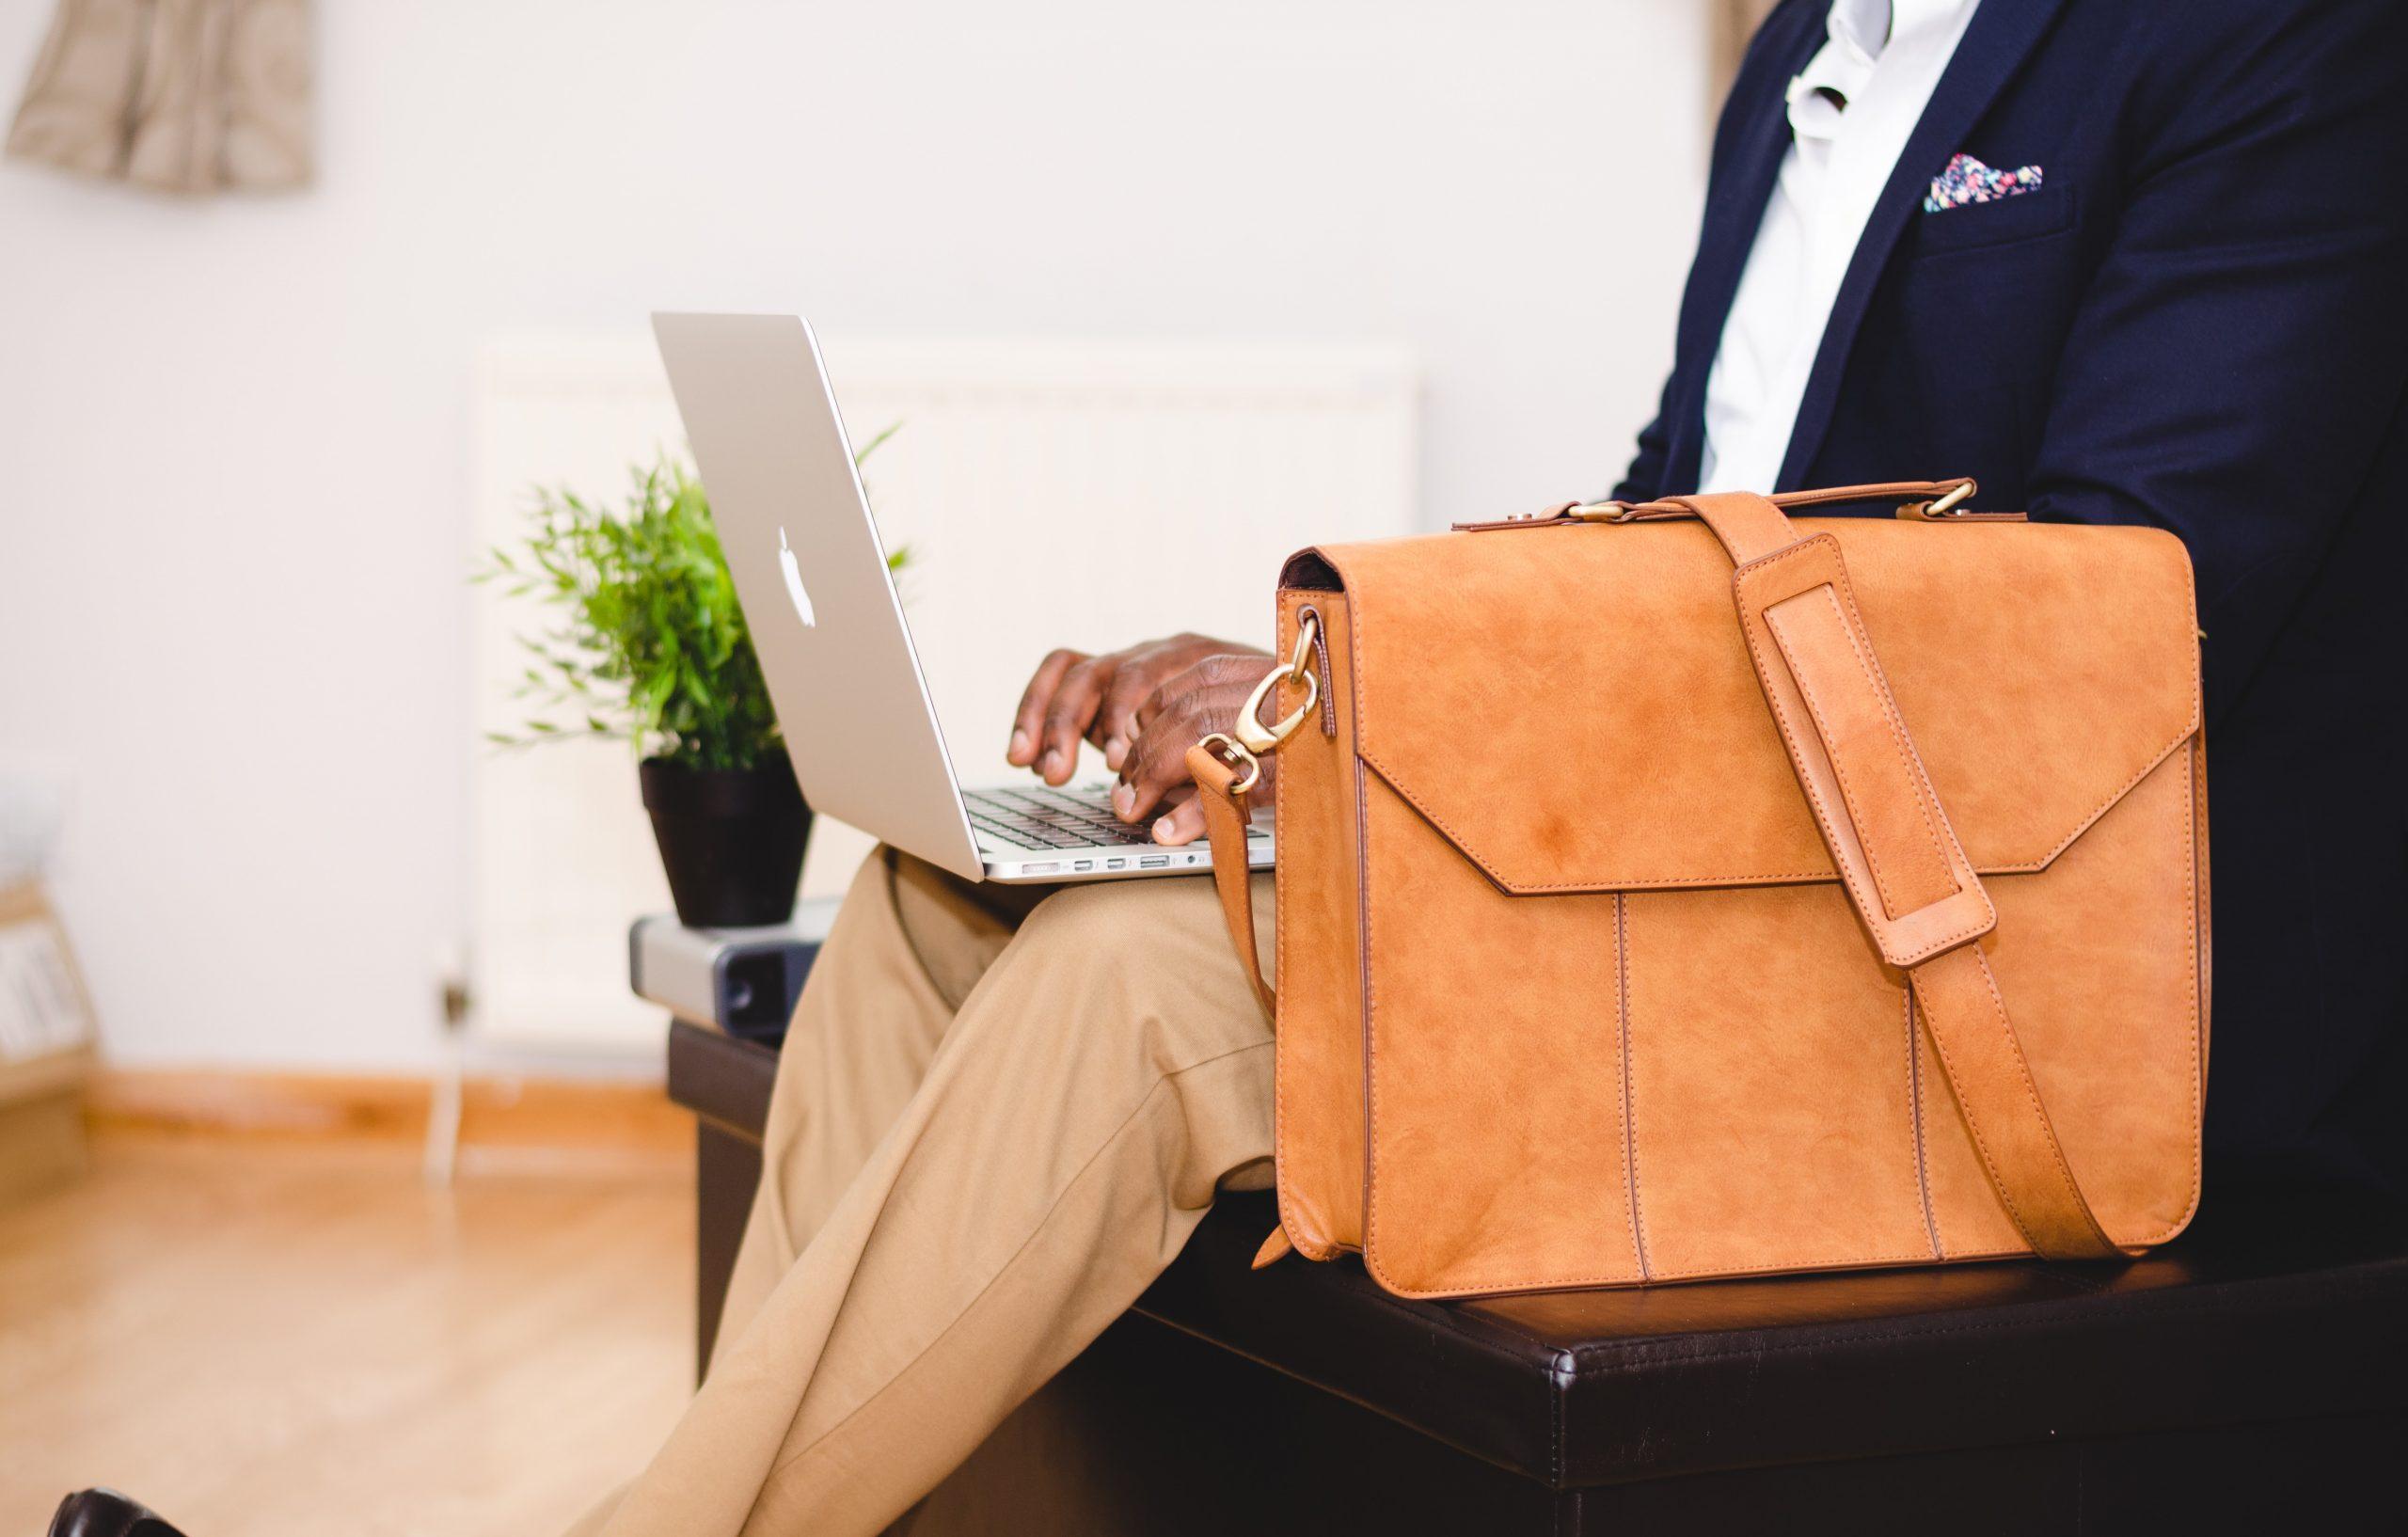 Miglior borsa da uomo 2020: Guida all'acquisto